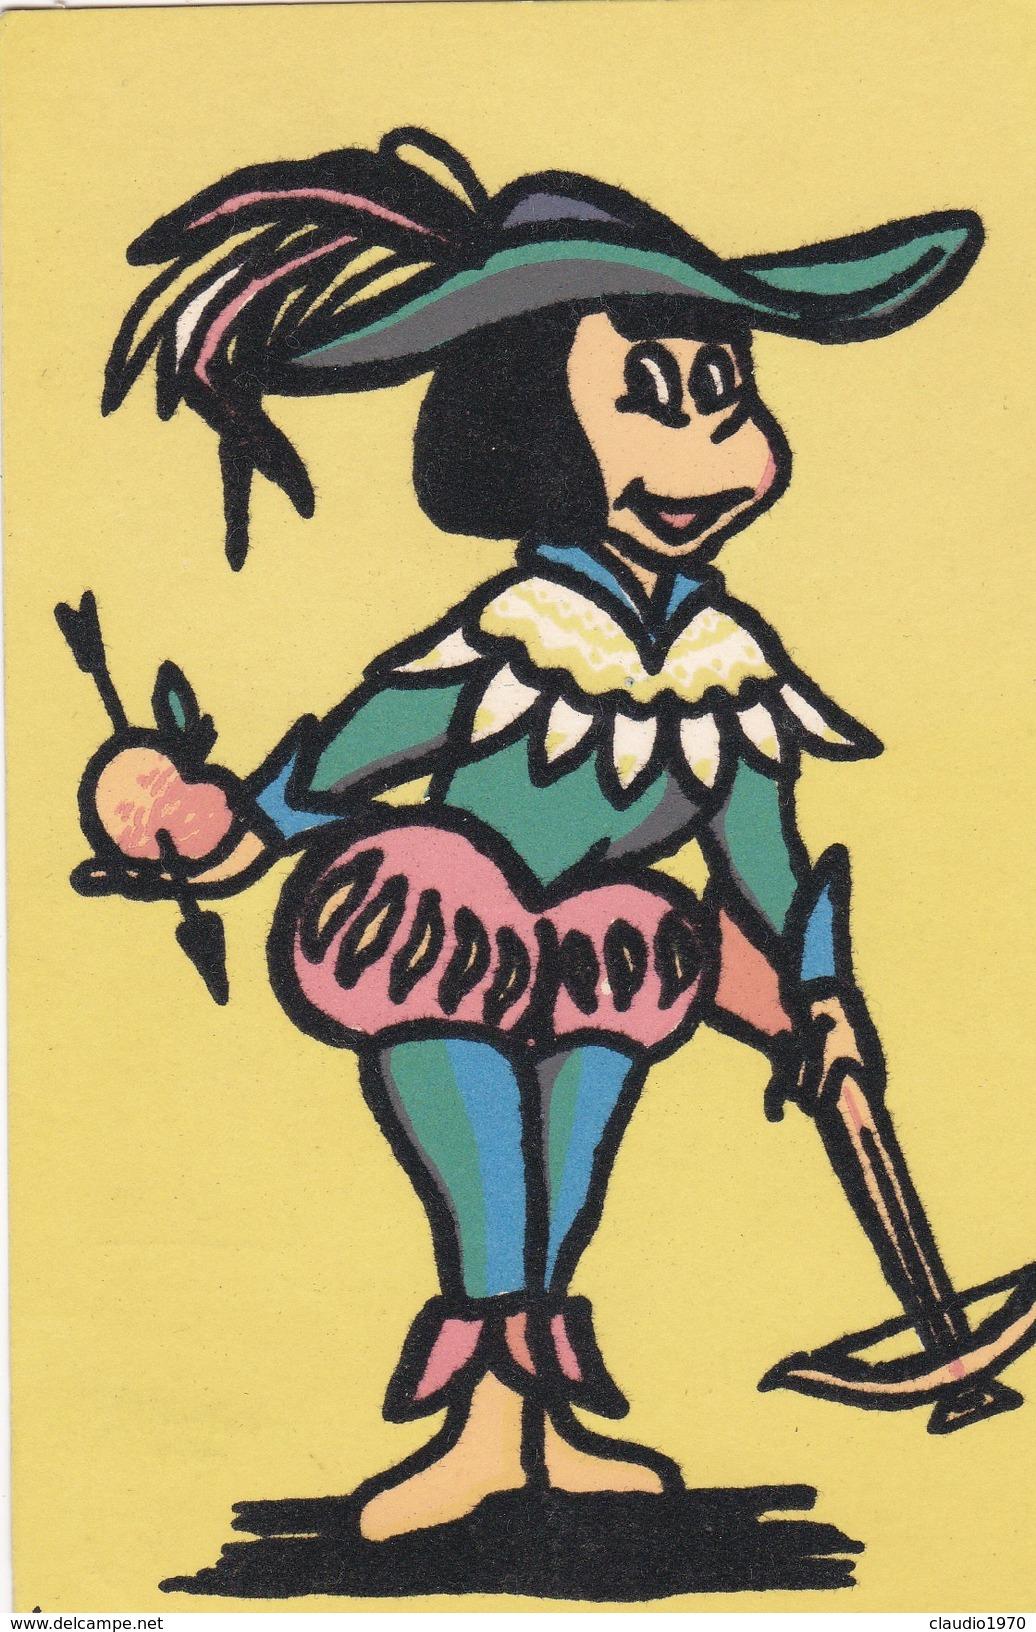 CARTOLINA - POSTCARD - TEMATICA - IN VELLUTO - Cartoline